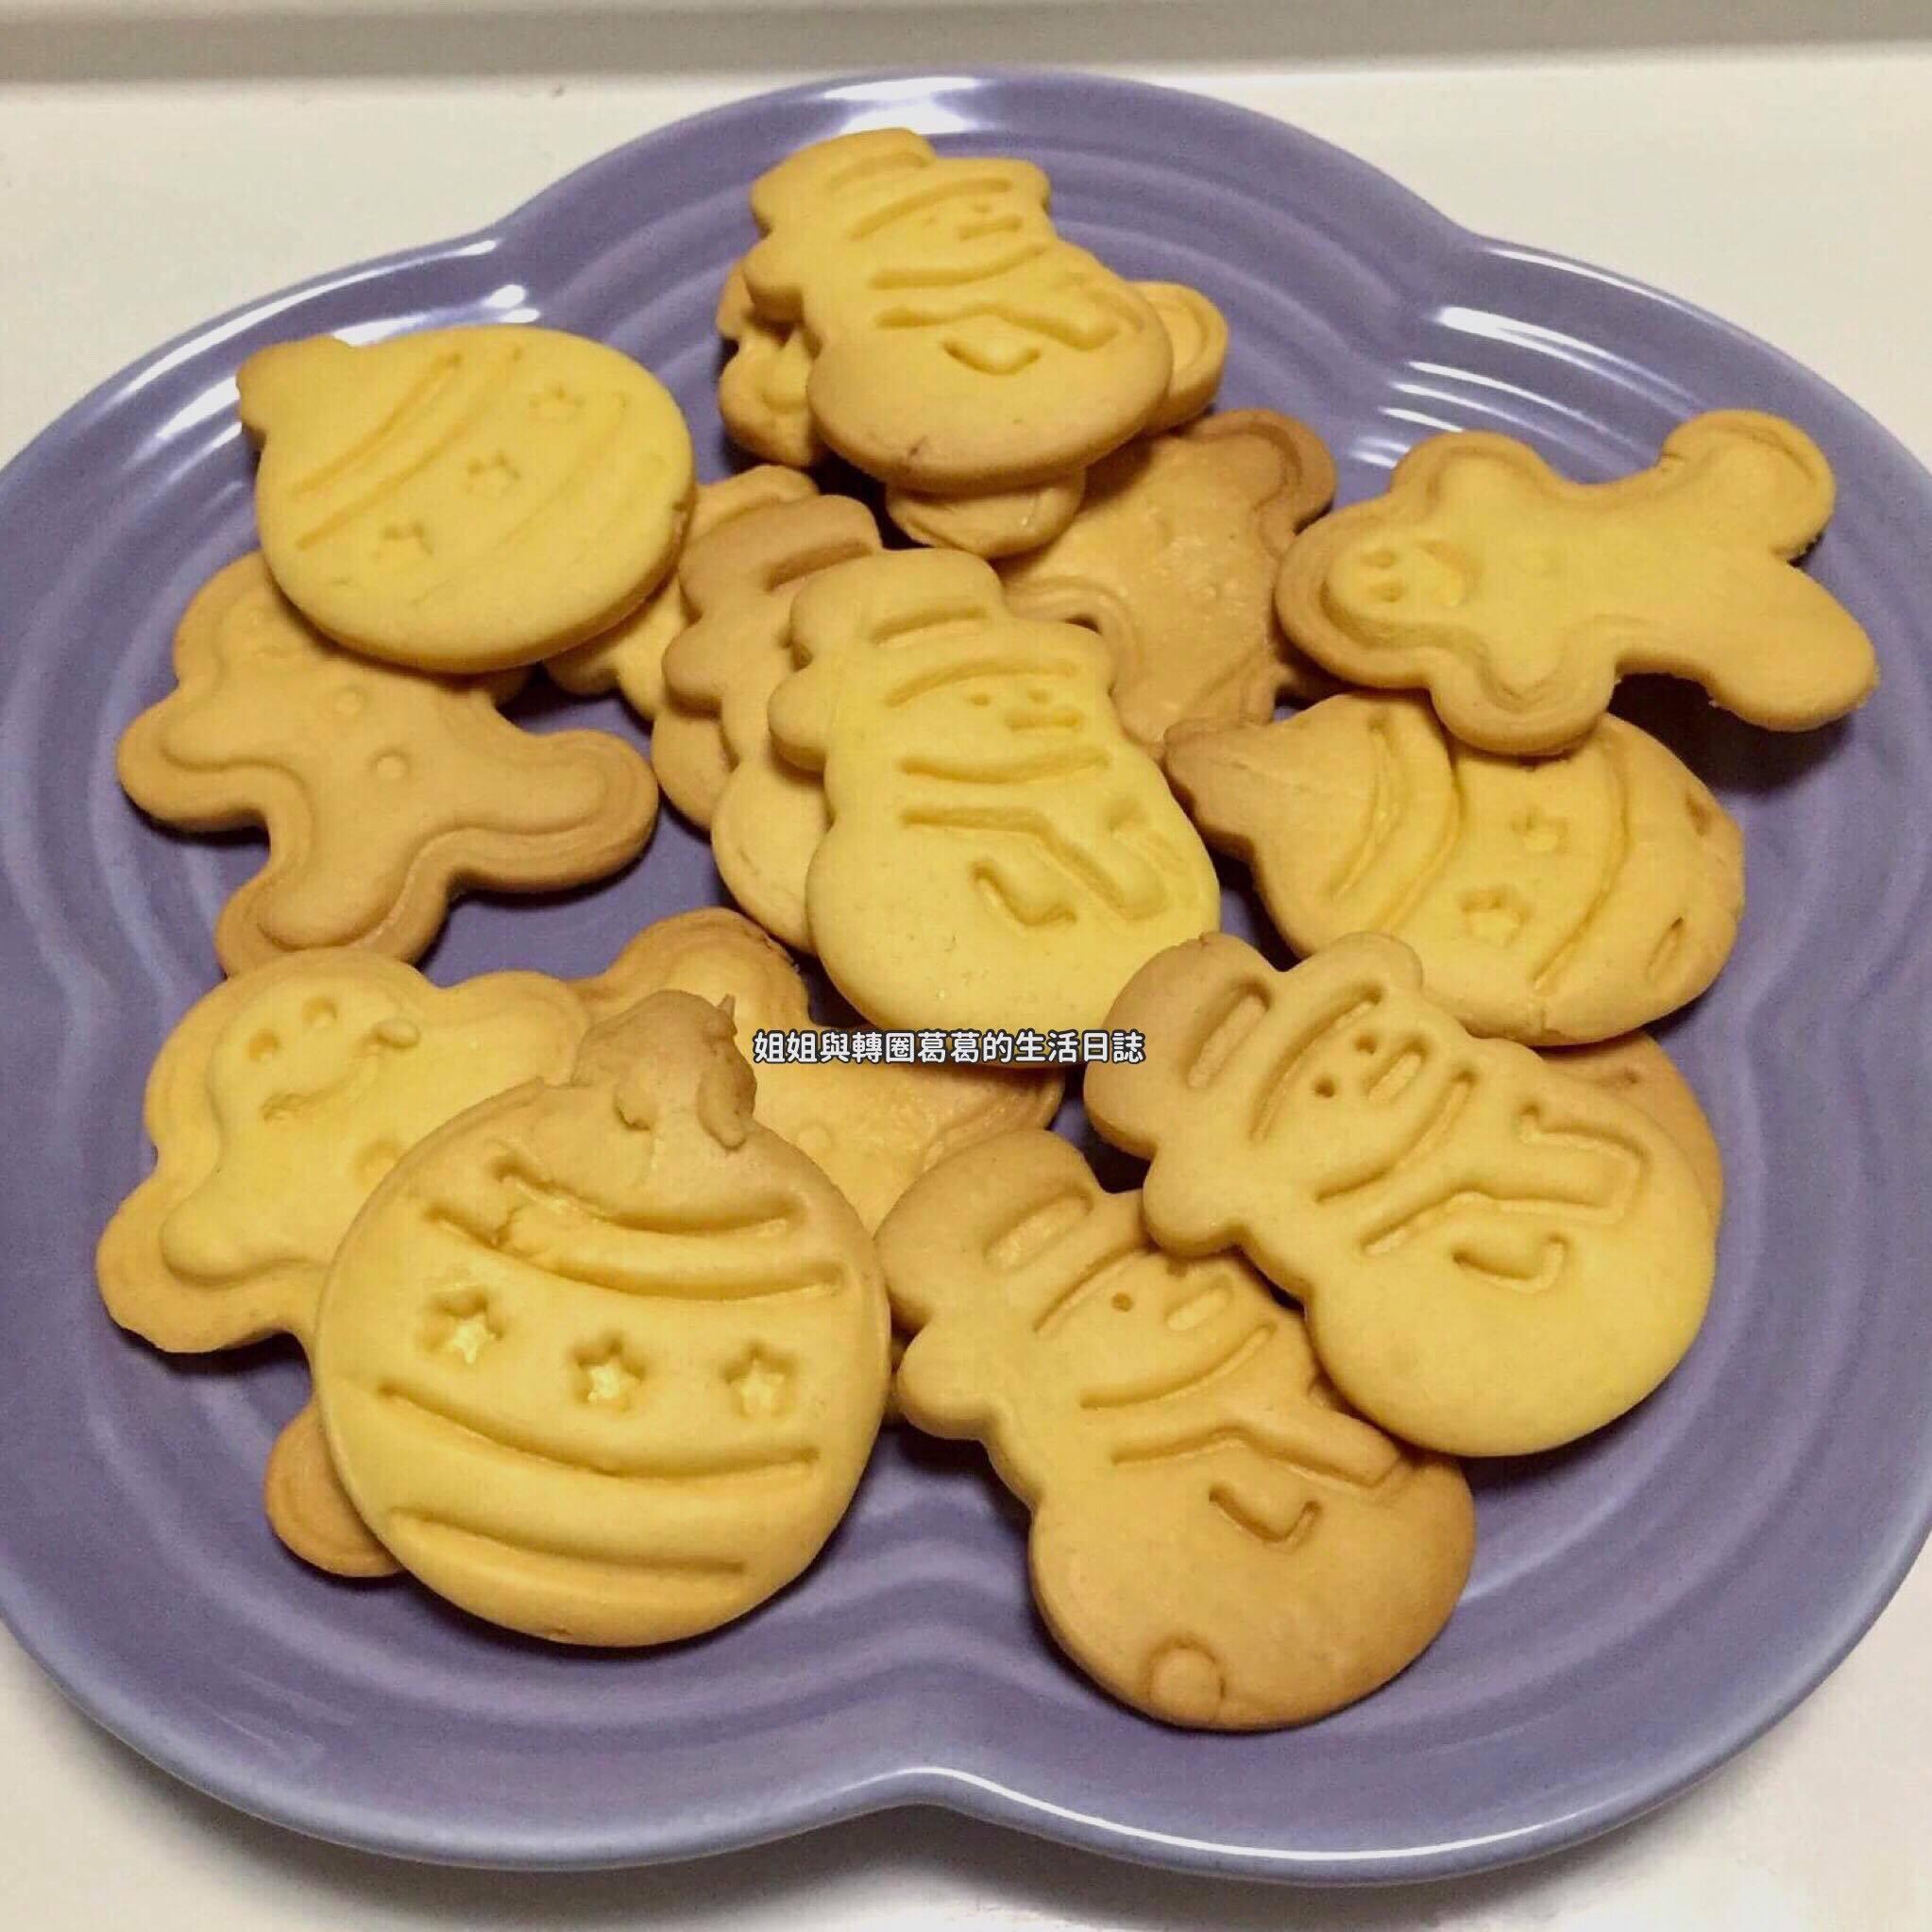 『寶寶食譜』蛋黃餅乾(低油糖)